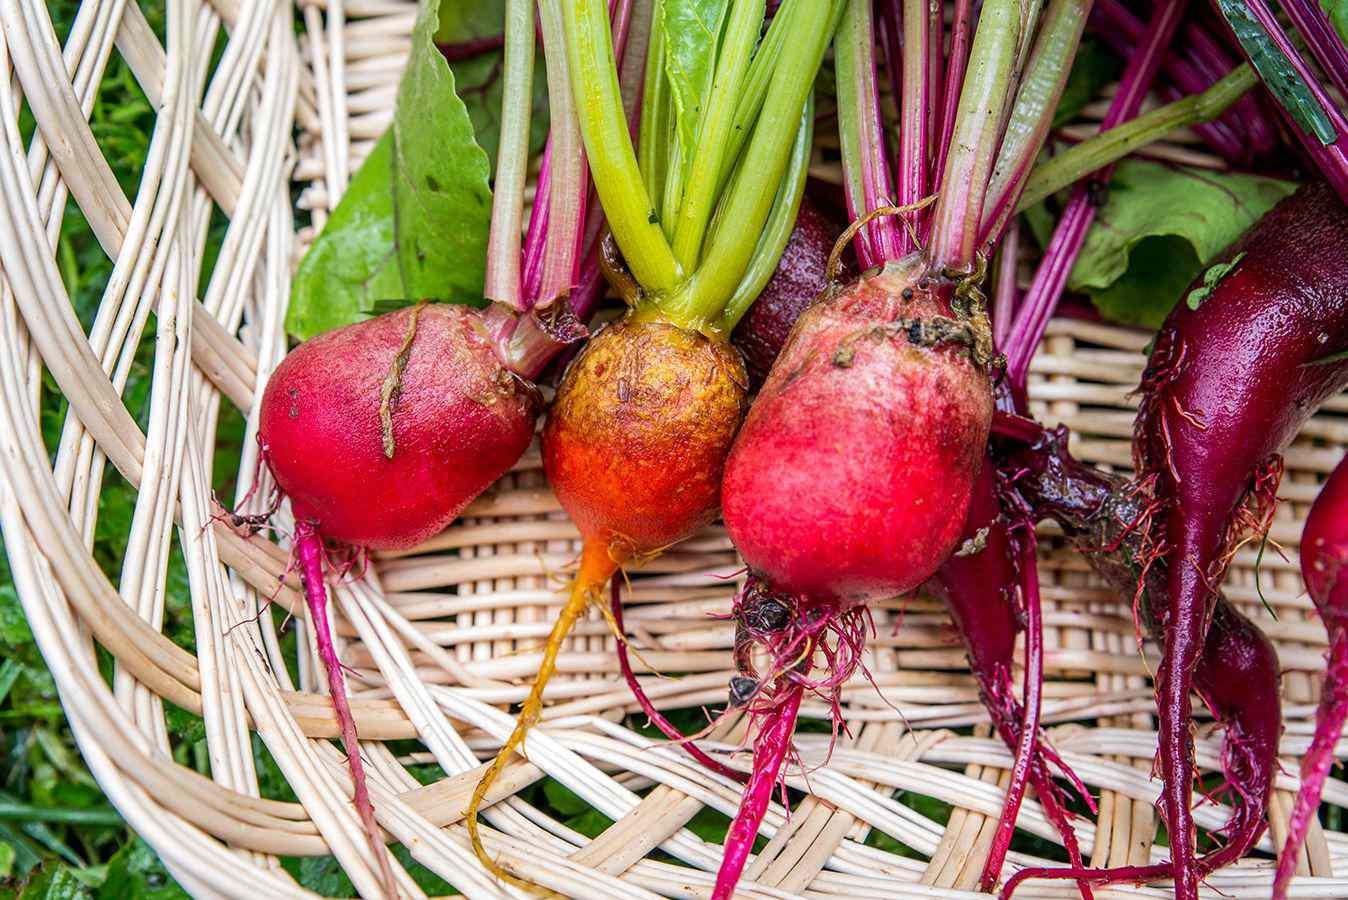 beet harvest in a basket